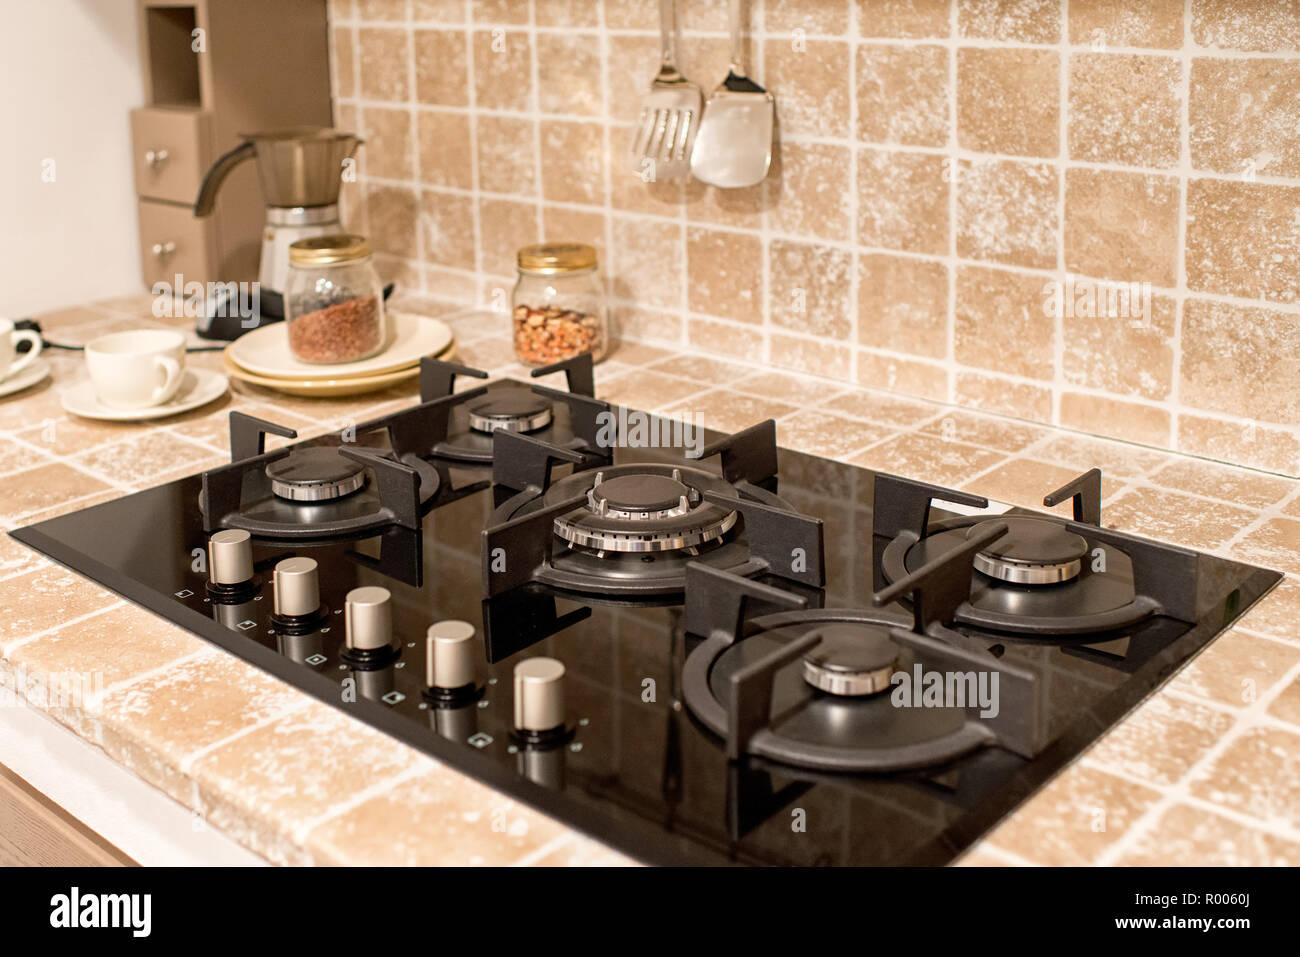 Gasbrenner mit 18 Kochplatten in der Küche Zähler mit Splash Back